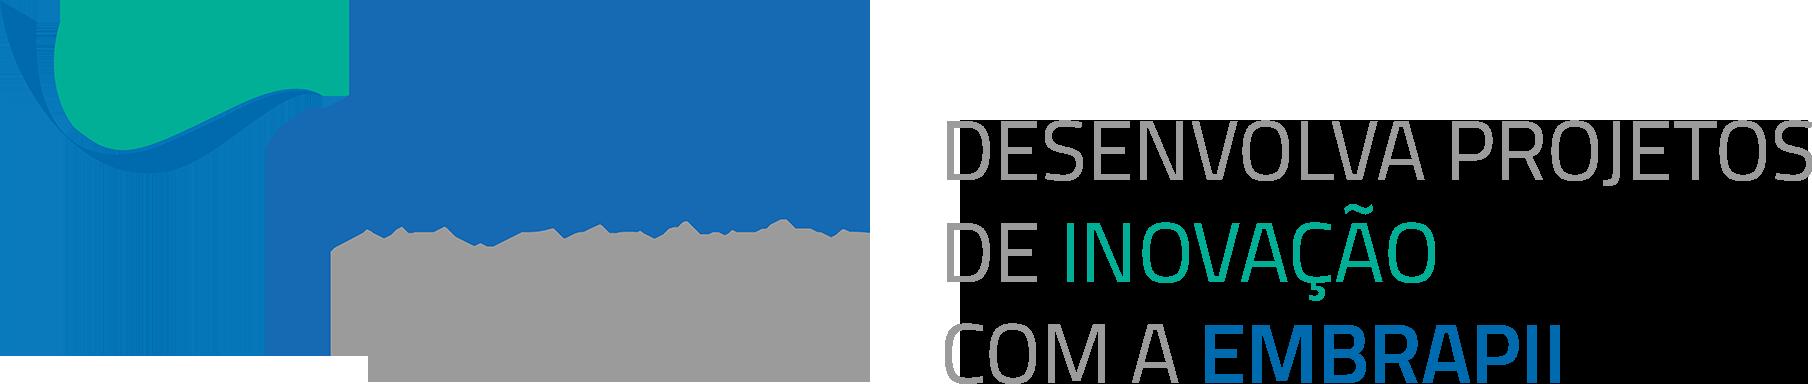 DCC/UFMG - Unidade Embrapii